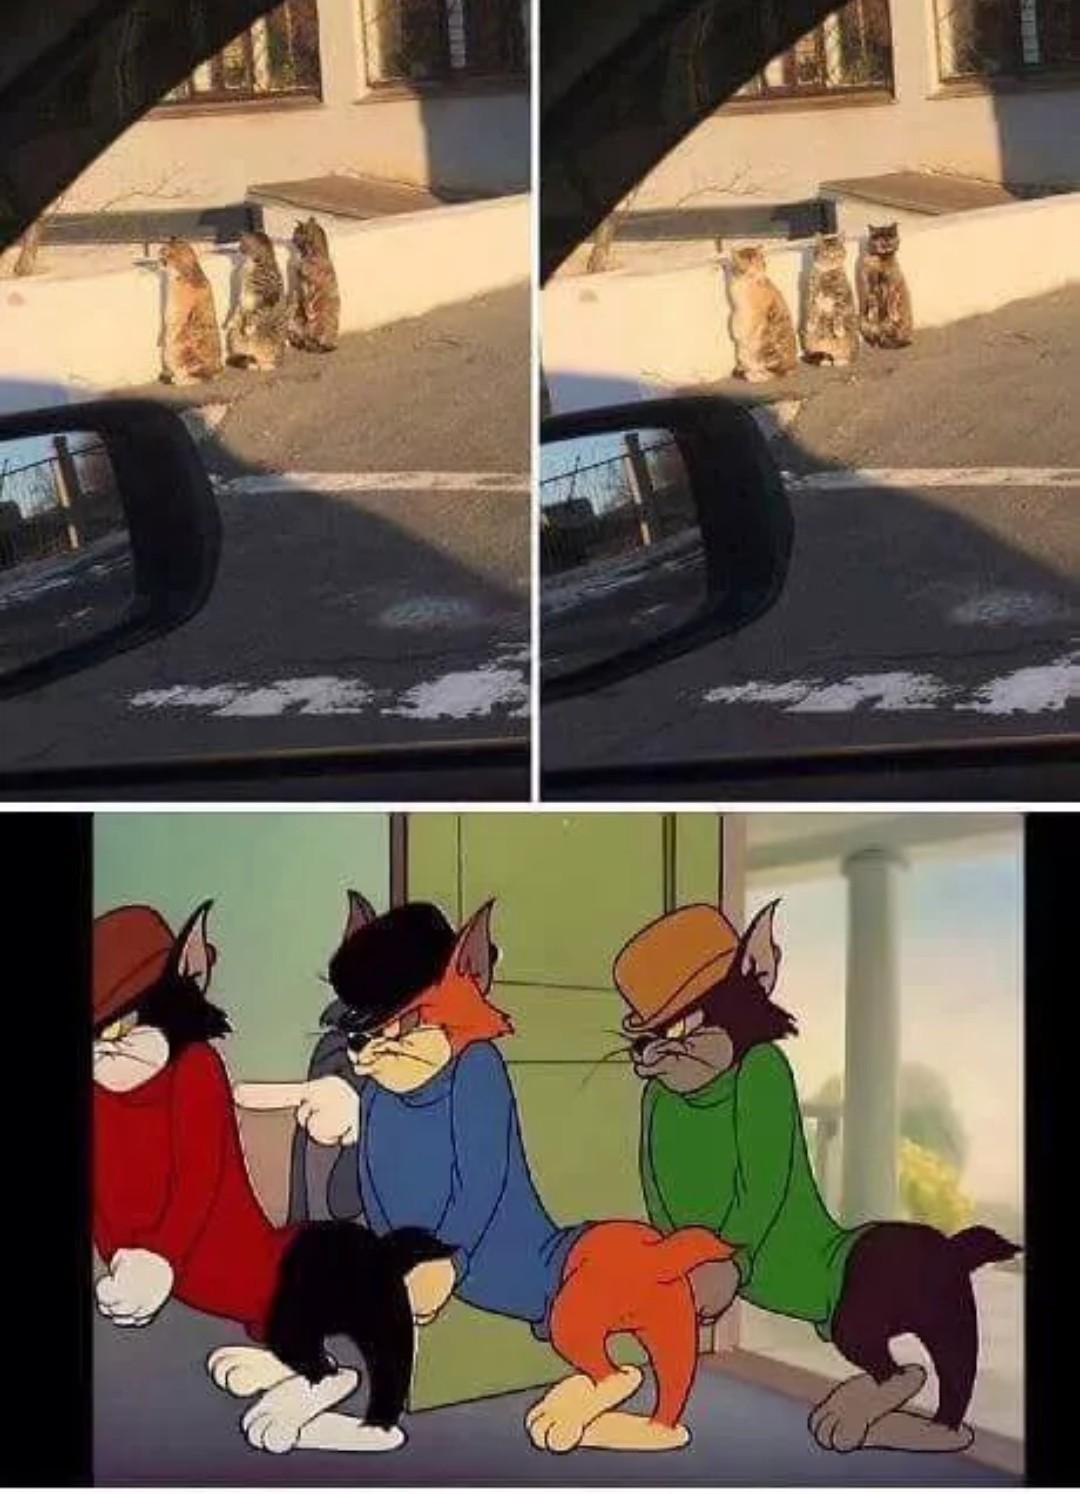 Eles são reais *-* - meme